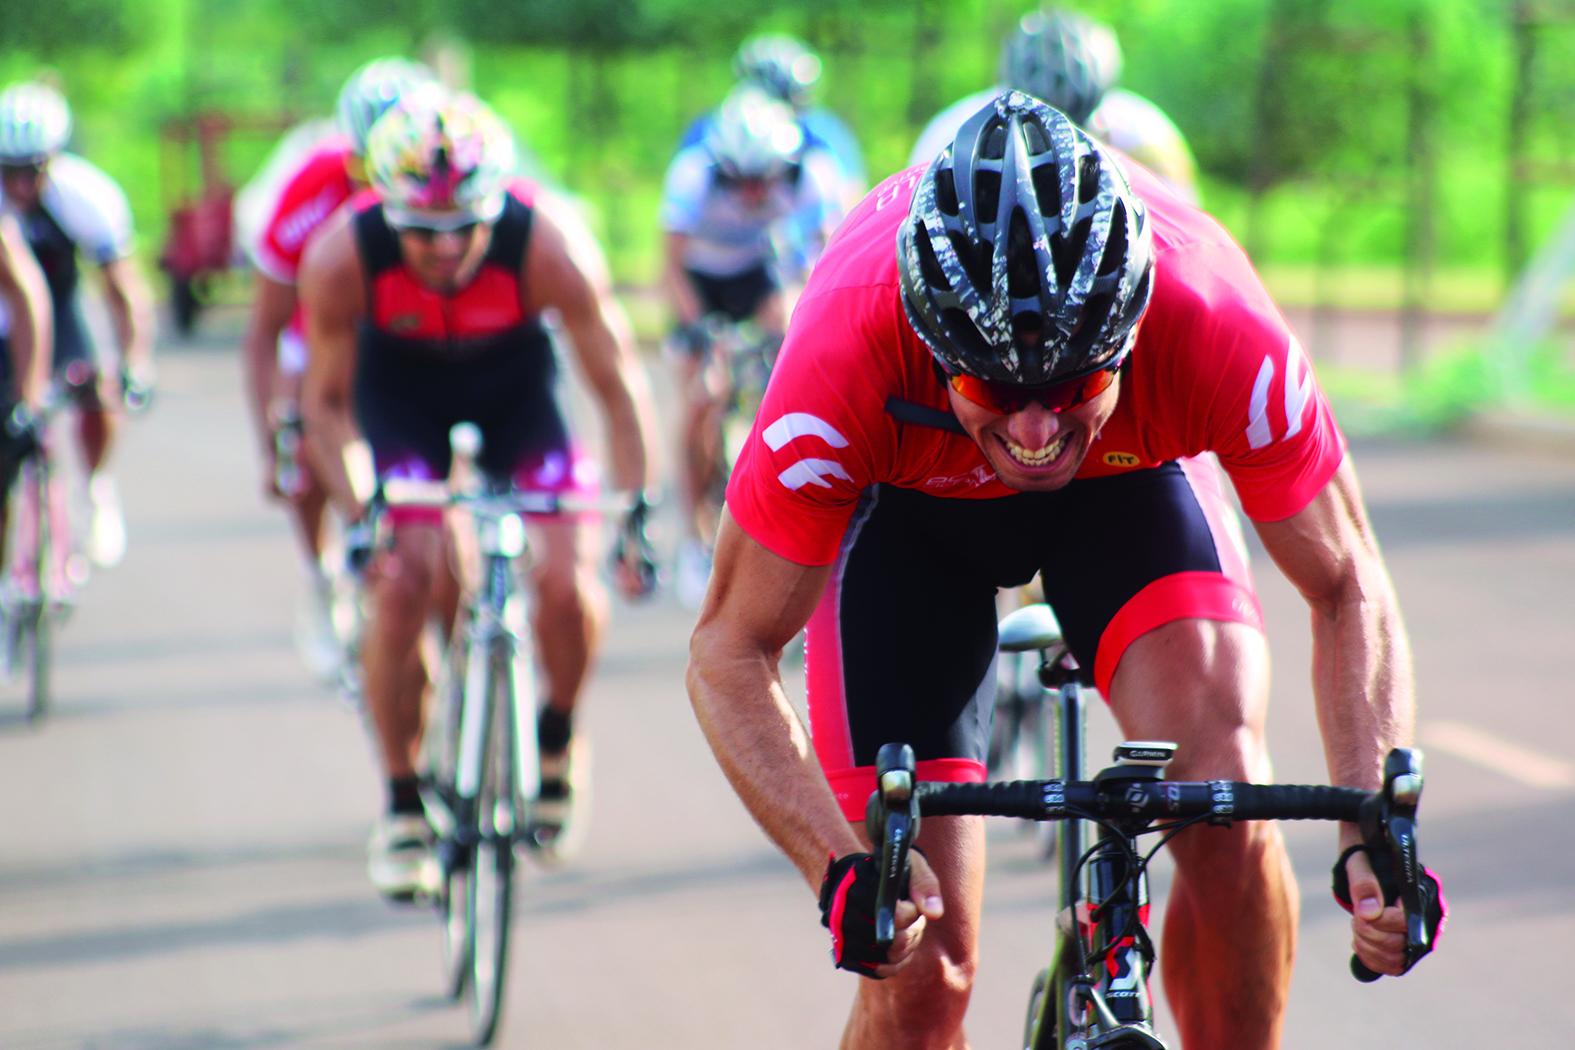 Revista Correr - Ciclismo Seguranca - Falsarella 4